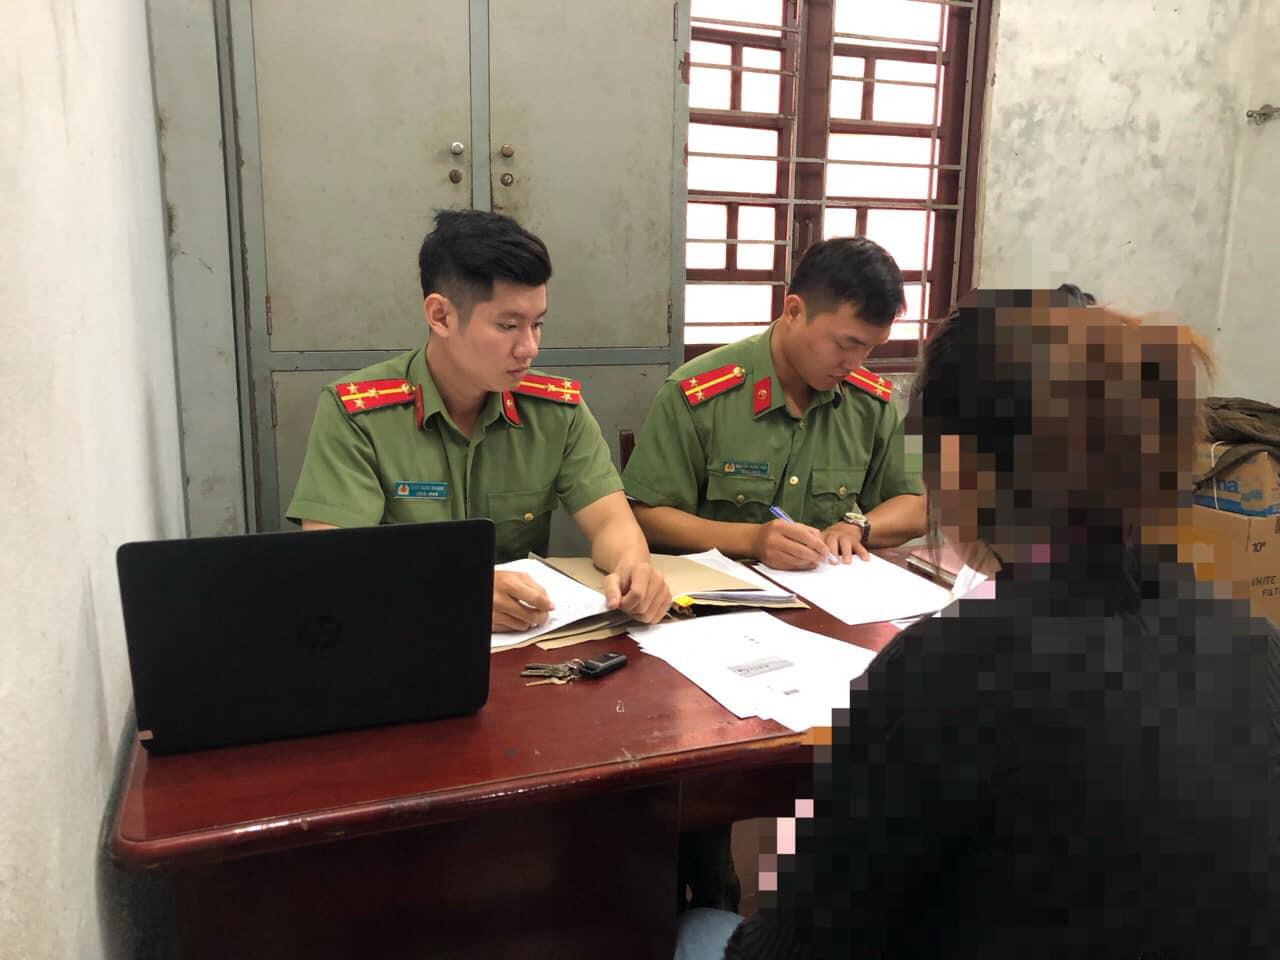 An ninh Đà Nẵng làm việc với một chủ tài khoản Facebook